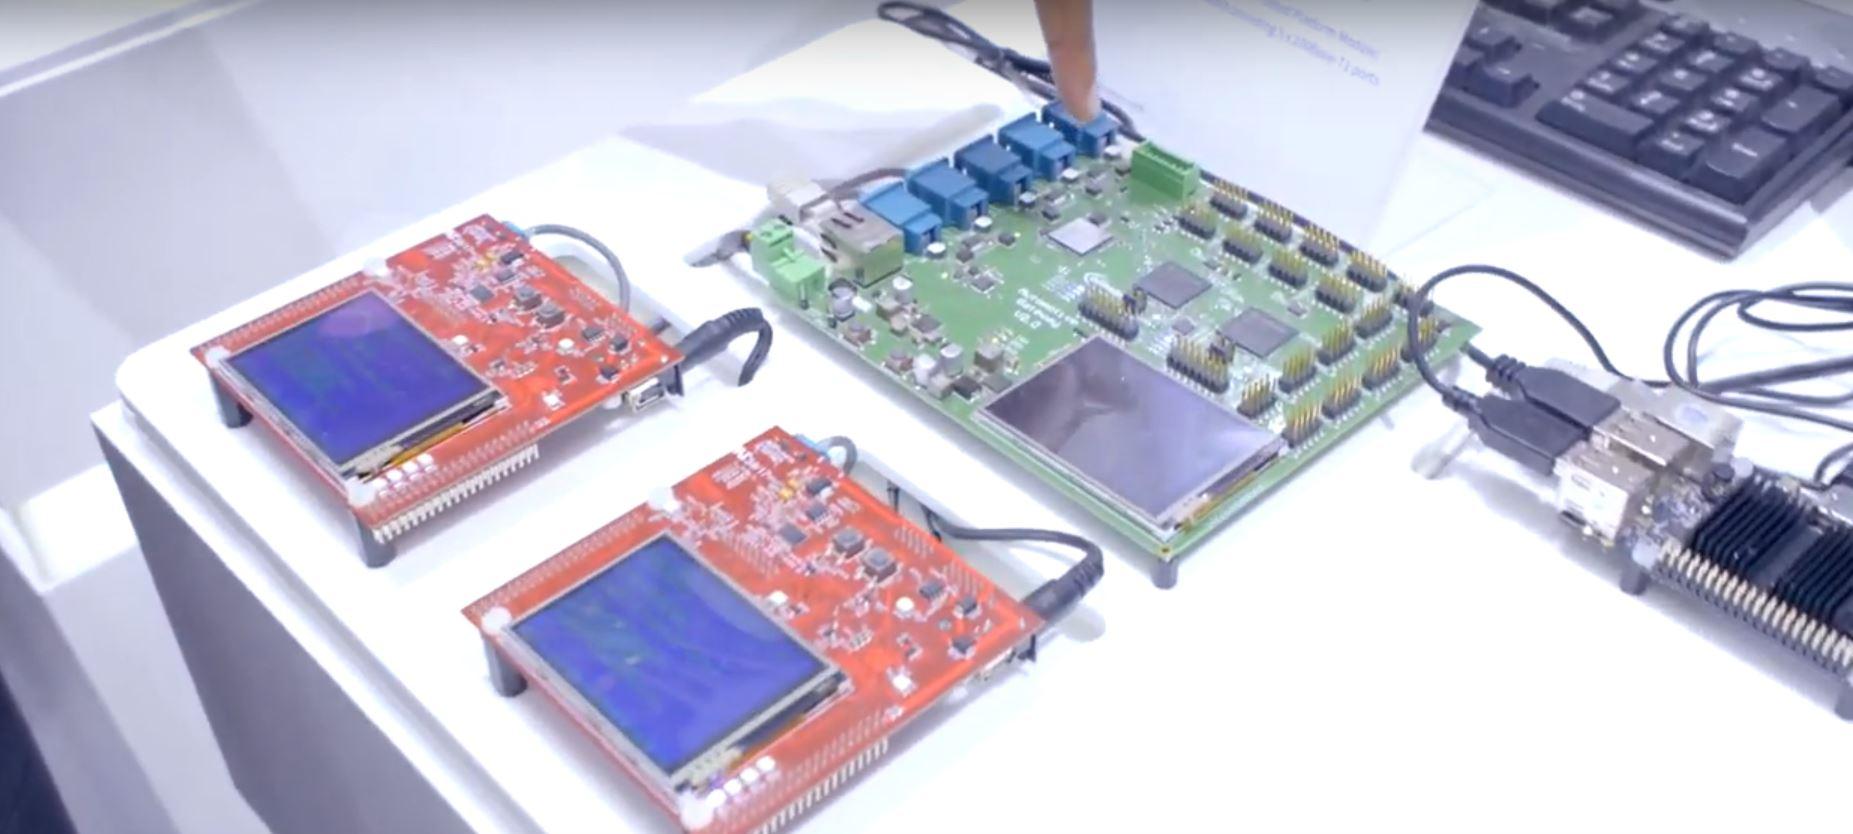 Infineon поглощает конкурентов чтоб увеличить свое присутствие на рынке автомобильных микросхем